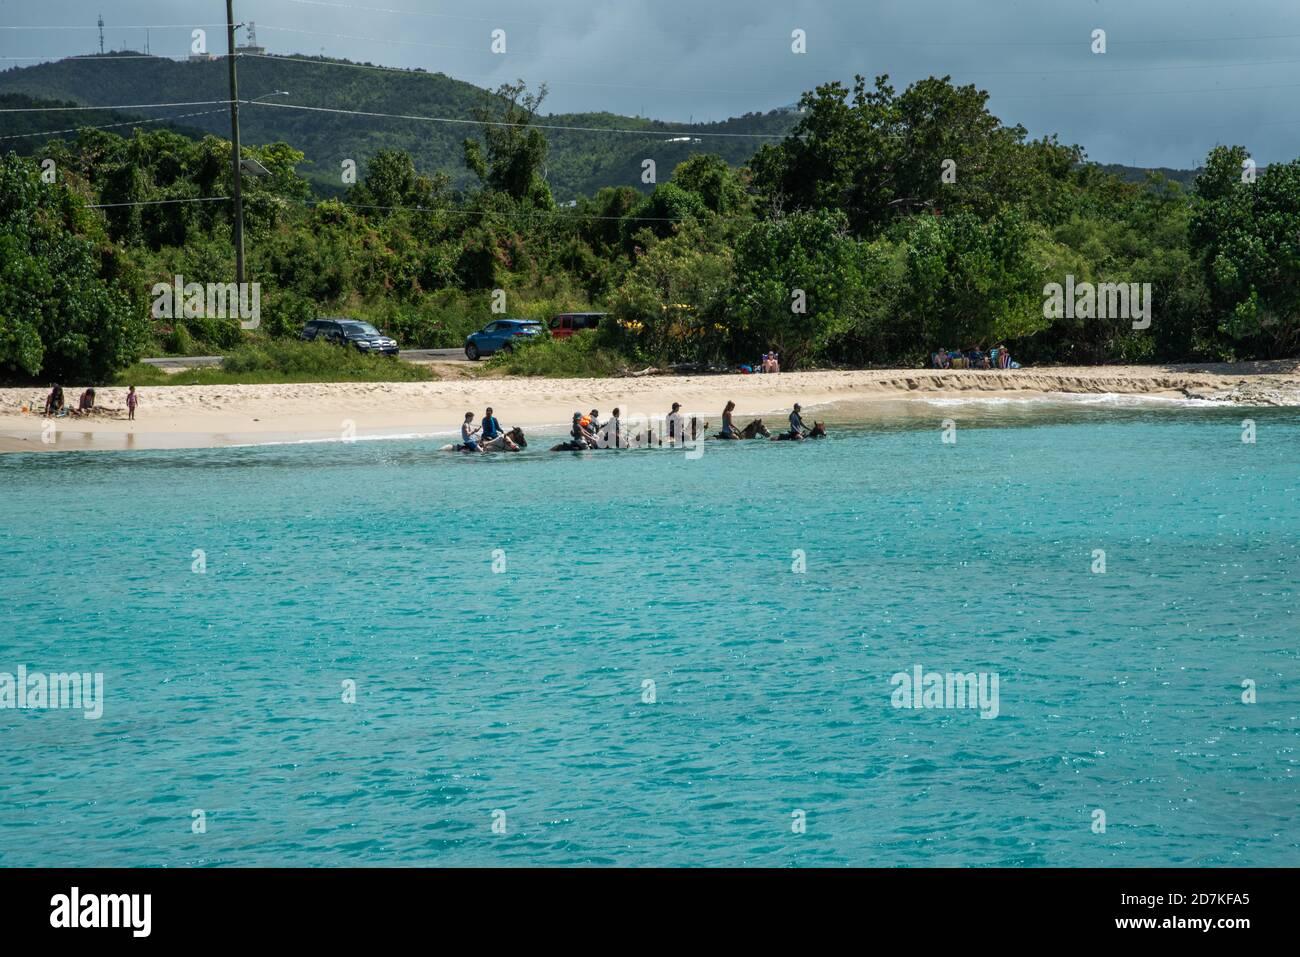 Frederiksted, Santa Cruz, Islas Vírgenes de EE.UU.-17 de febrero de 2020: Turistas paseos a caballo en la playa con las Cowgirls Cruzan en Santa Cruz, VI Foto de stock